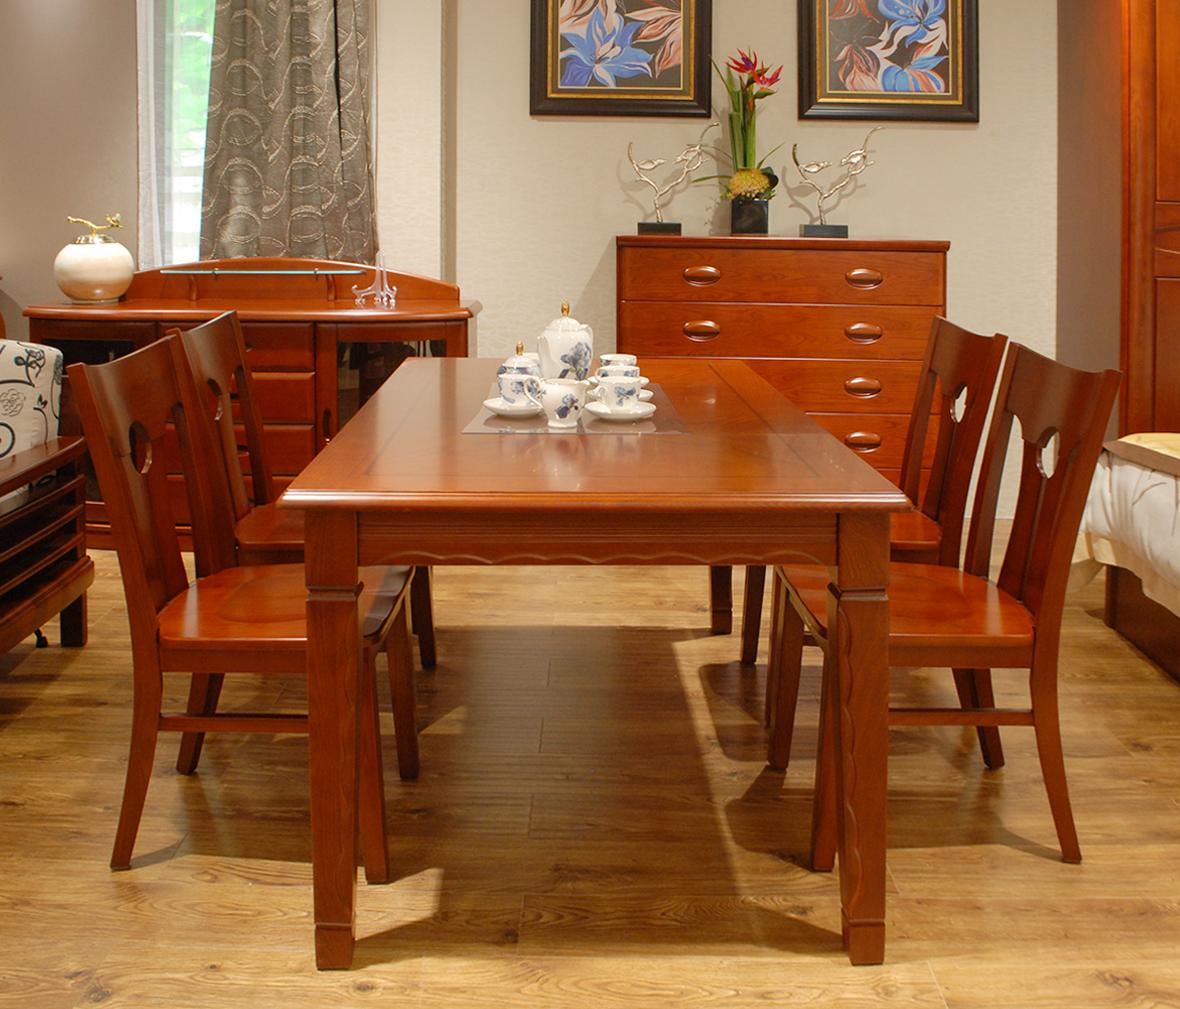 餐椅 椅子 布艺座面 胡桃木材质 欧式风格  眼缘:0  天坛家具 简风